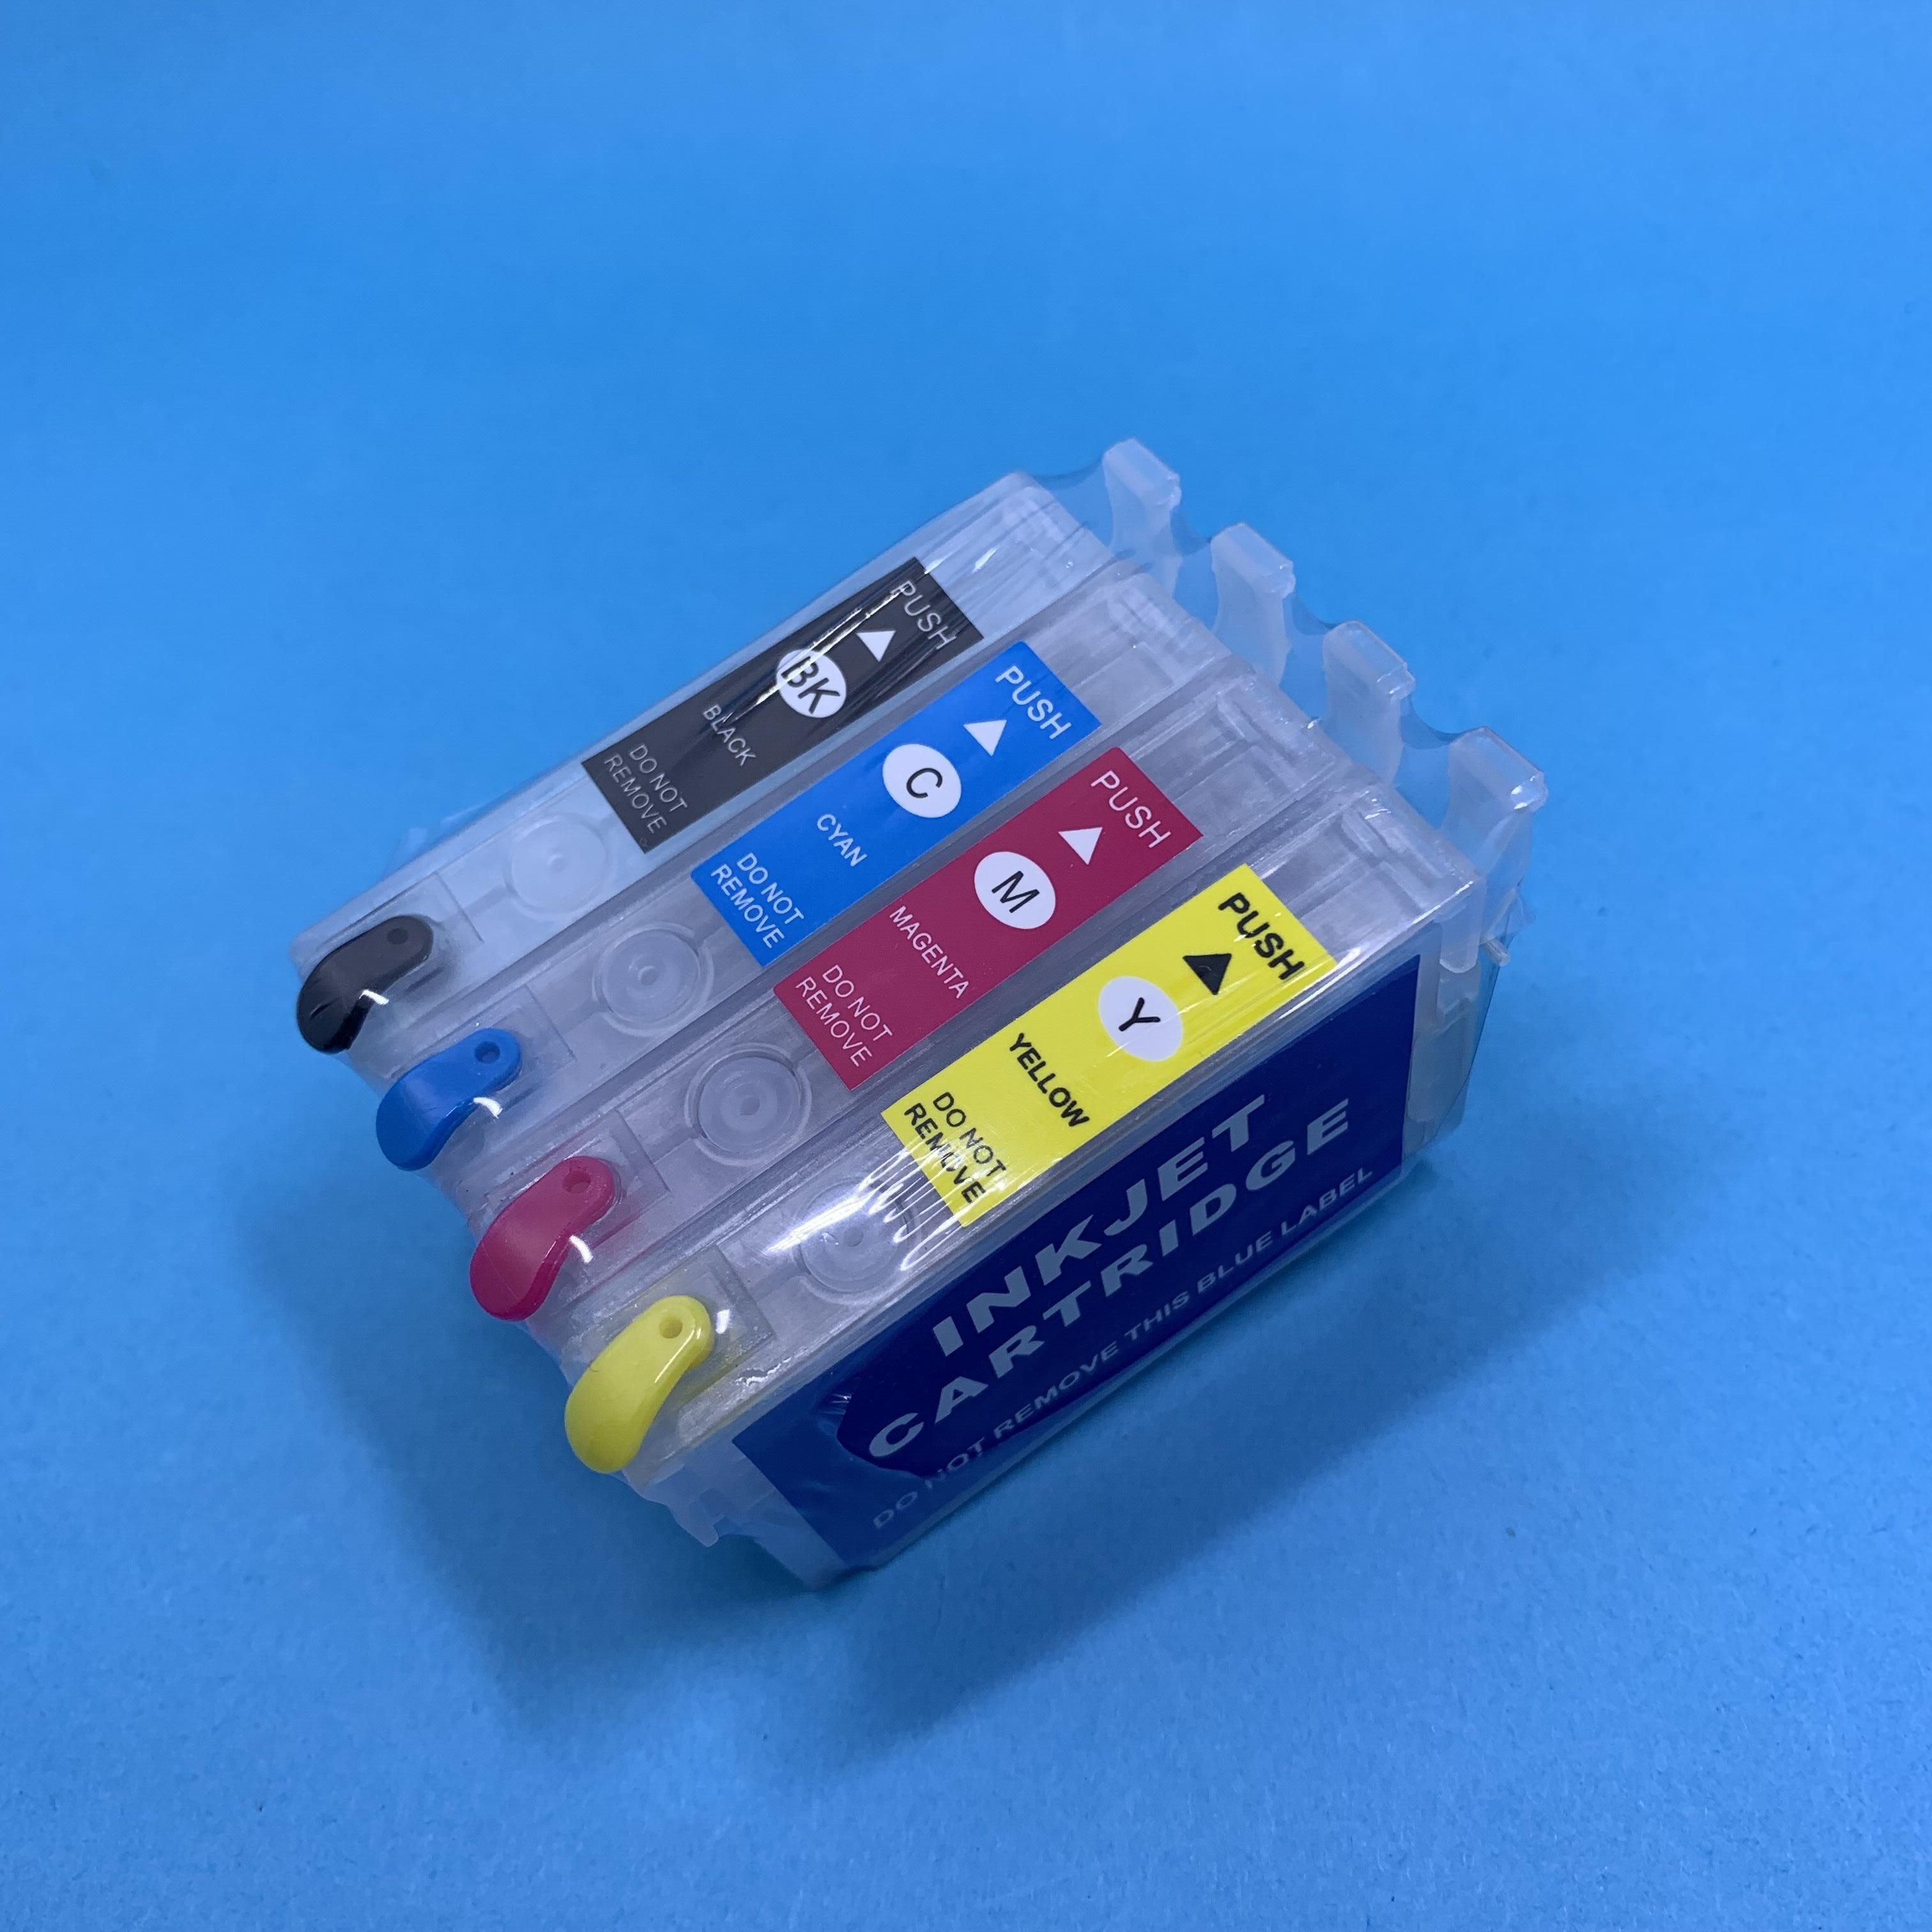 YOTAT cartucho de tinta Recarregáveis T1711 T1712 T1713 T1714 para Epson XP-103 XP-203 XP-207 XP-303 XP-306 XP-33 XP-406 XP-413 XP313